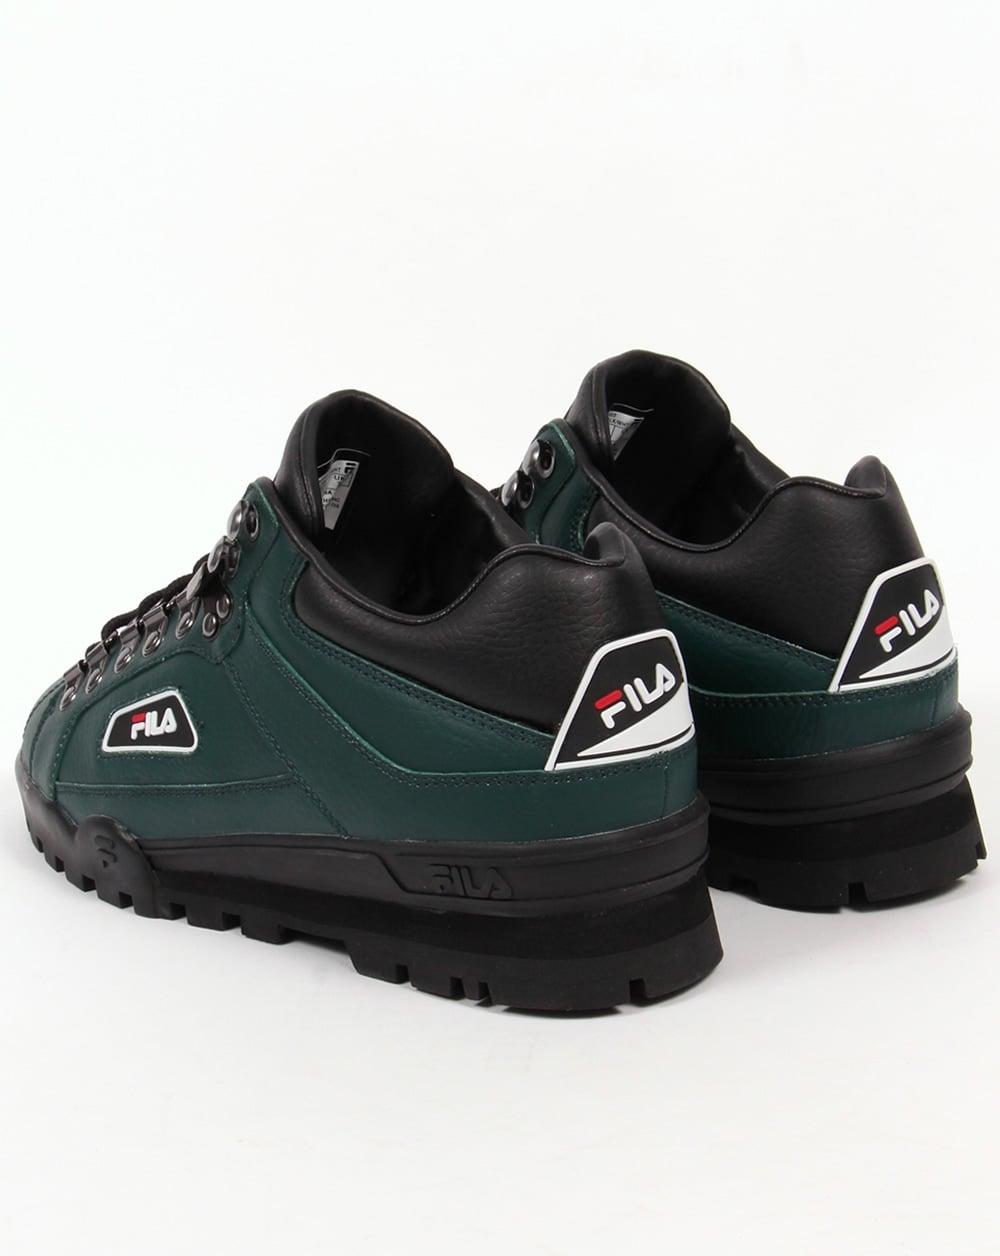 fila trailblazer black leather trainers